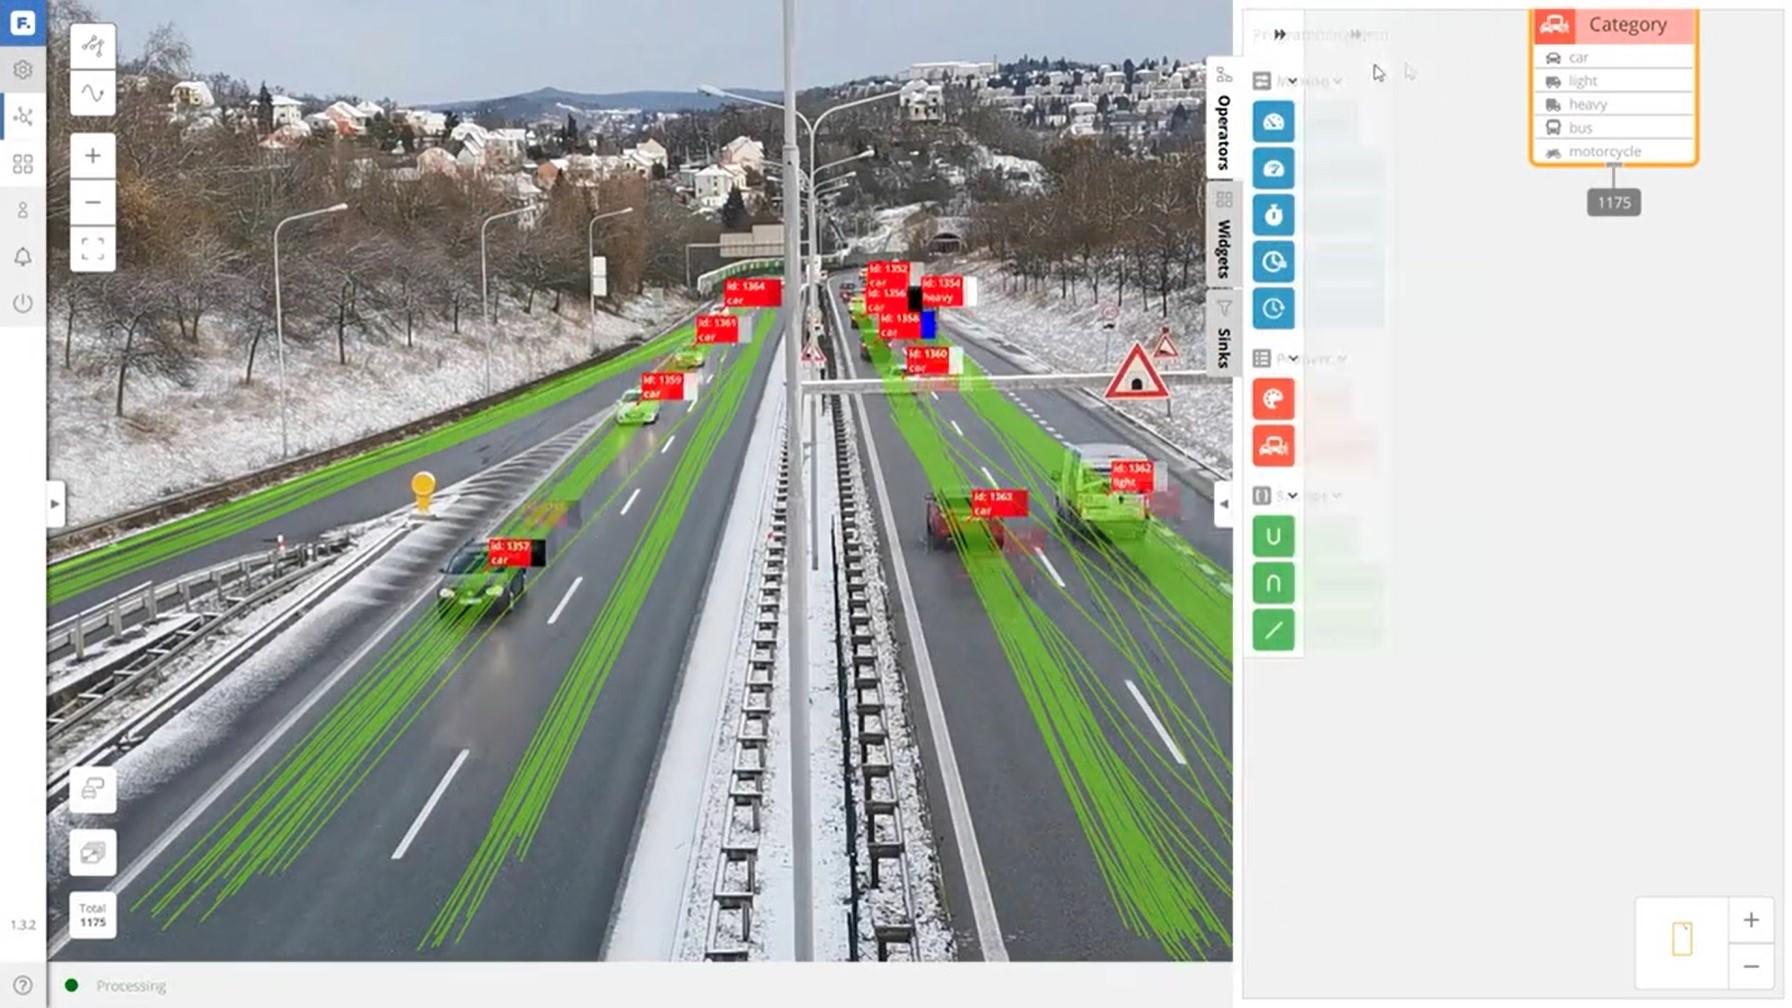 dálniční kamera